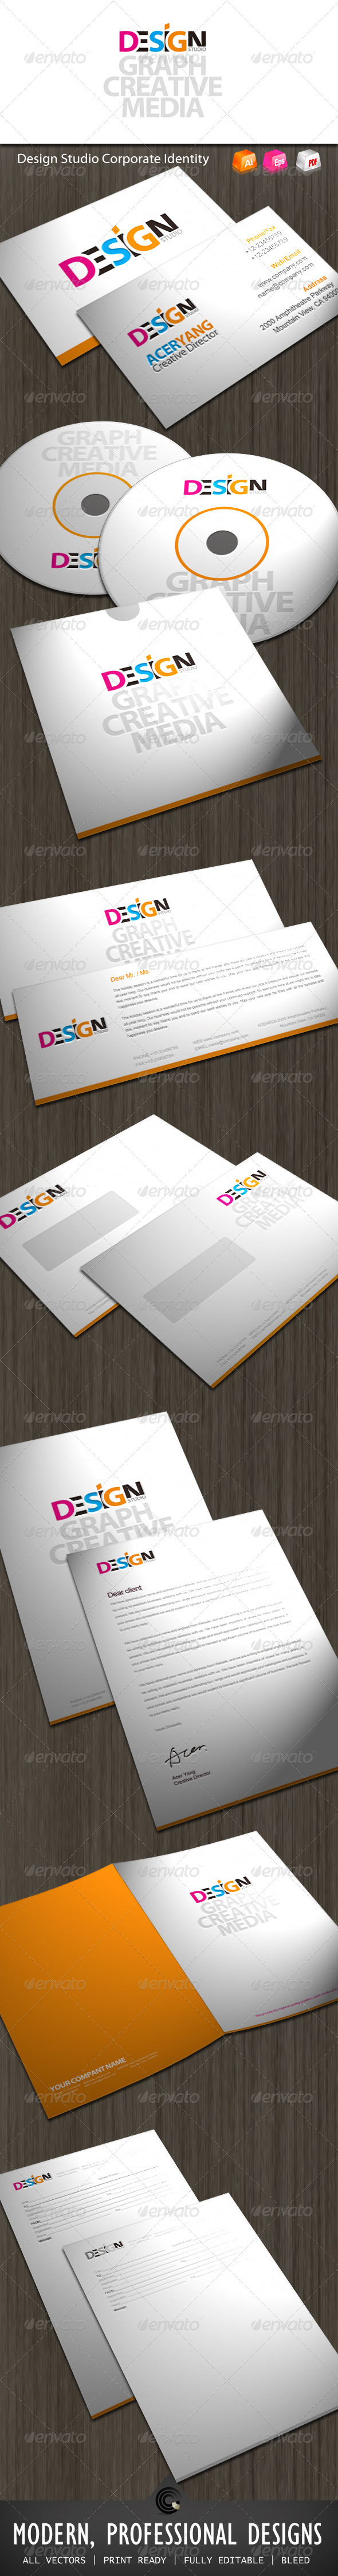 GraphicRiver Design Studio Corporate Identity 545567